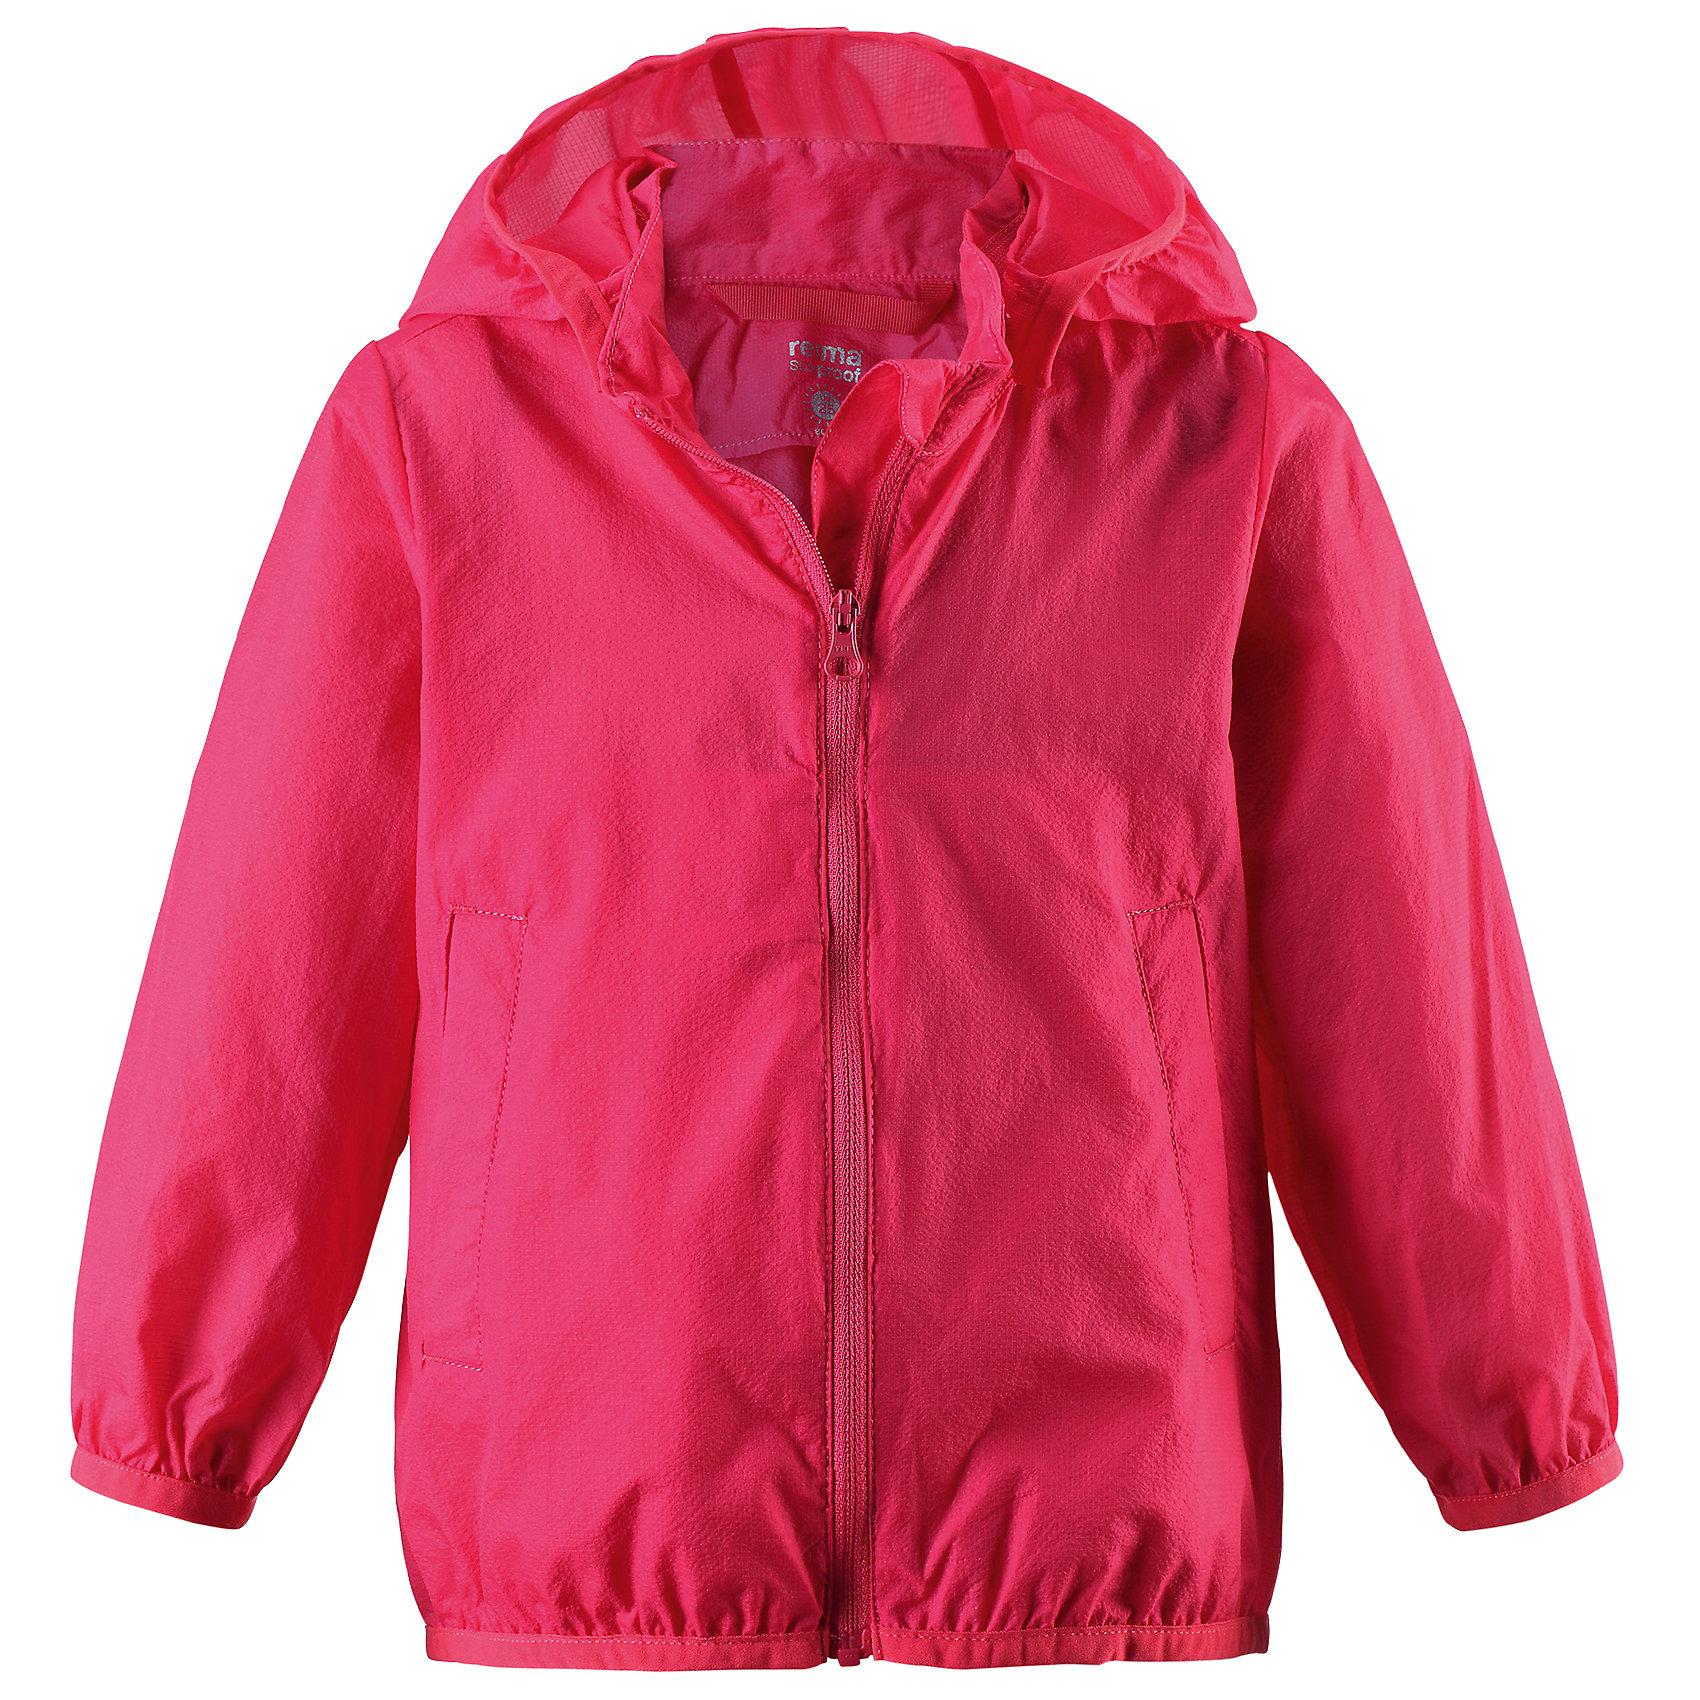 Ветровка Sorriso для девочки ReimaХарактеристики товара:<br><br>• цвет: красный<br>• состав: 100% полиамид<br>• температурный режим: от +10°до +20°С<br>• легкий, водоотталкивающий и «дышащий» материал<br>• без подкладки<br>• безопасный съёмный капюшон<br>• эластичная сборка по краю капюшона, на манжетах и на подоле<br>• куртку можно свернуть в собственный карман<br>• молния<br>• комфортная посадка<br>• страна производства: Китай<br>• страна бренда: Финляндия<br>• коллекция: весна-лето 2017<br><br>Верхняя одежда для детей может быть модной и комфортной одновременно! Легкая куртка поможет обеспечить ребенку комфорт и тепло. Она отлично смотрится с различной одеждой и обувью. Изделие удобно сидит и модно выглядит. Материал - прочный, хорошо подходящий для межсезонья. Стильный дизайн разрабатывался специально для детей.<br><br>Одежда и обувь от финского бренда Reima пользуется популярностью во многих странах. Эти изделия стильные, качественные и удобные. Для производства продукции используются только безопасные, проверенные материалы и фурнитура. Порадуйте ребенка модными и красивыми вещами от Reima! <br><br>Куртку для девочки от финского бренда Reima (Рейма) можно купить в нашем интернет-магазине.<br><br>Ширина мм: 356<br>Глубина мм: 10<br>Высота мм: 245<br>Вес г: 519<br>Цвет: красный<br>Возраст от месяцев: 18<br>Возраст до месяцев: 24<br>Пол: Женский<br>Возраст: Детский<br>Размер: 92,80,98,74,86<br>SKU: 5265526